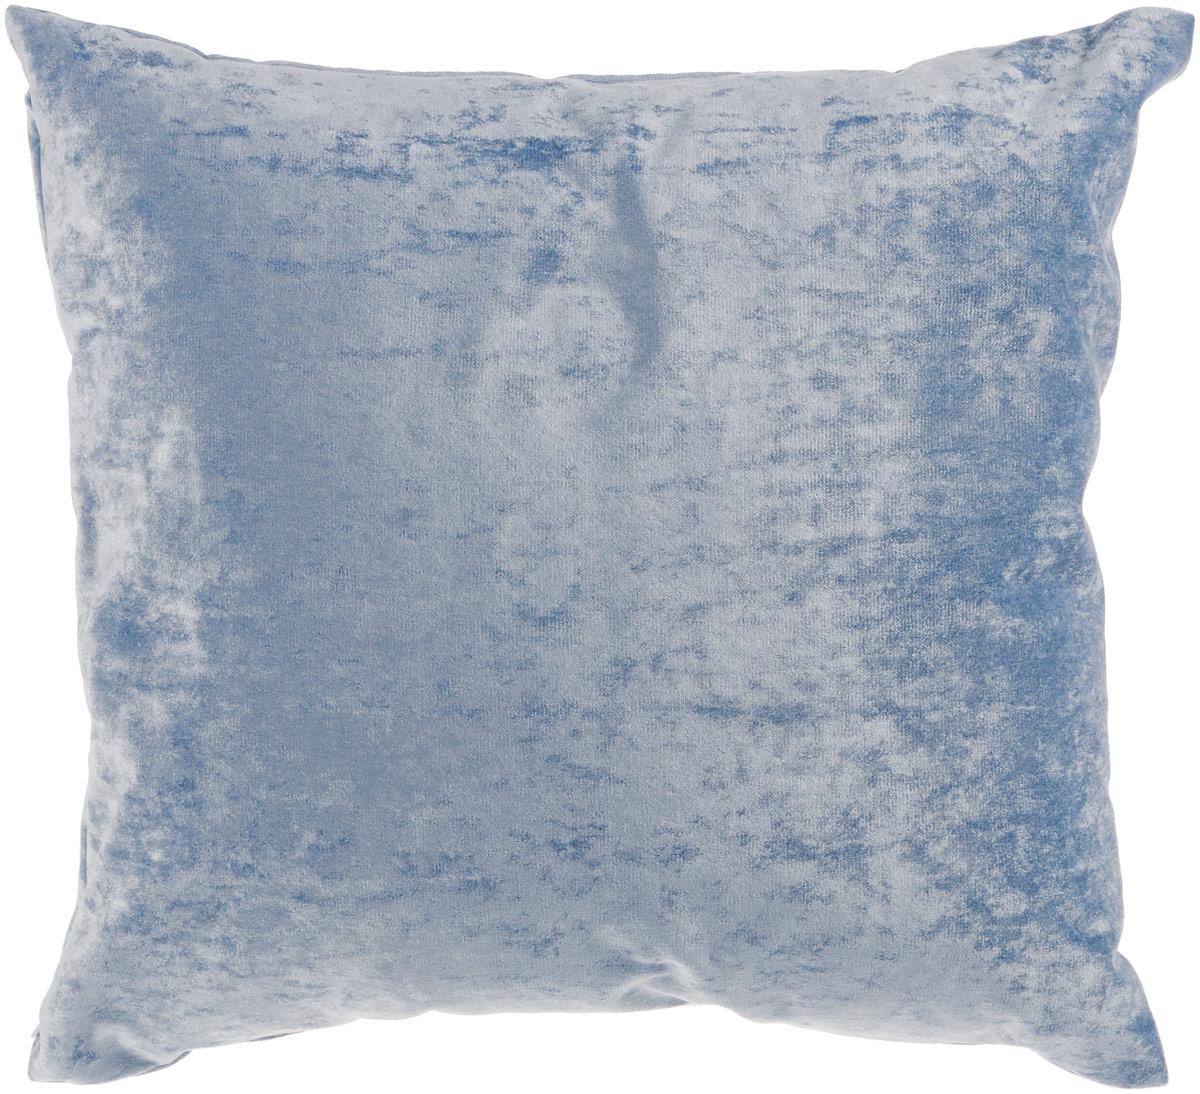 Подушка декоративная KauffOrt Бархат, цвет: голубой, 40 x 40 см3121039640Декоративная подушка Бархат прекрасно дополнит интерьер спальни или гостиной. Бархатистый на ощупь чехол подушки выполнен из 49% вискозы, 42% хлопка и 9% полиэстера. Внутри находится мягкий наполнитель. Чехол легко снимается благодаря потайной молнии.Красивая подушка создаст атмосферу уюта и комфорта в спальне и станет прекрасным элементом декора.